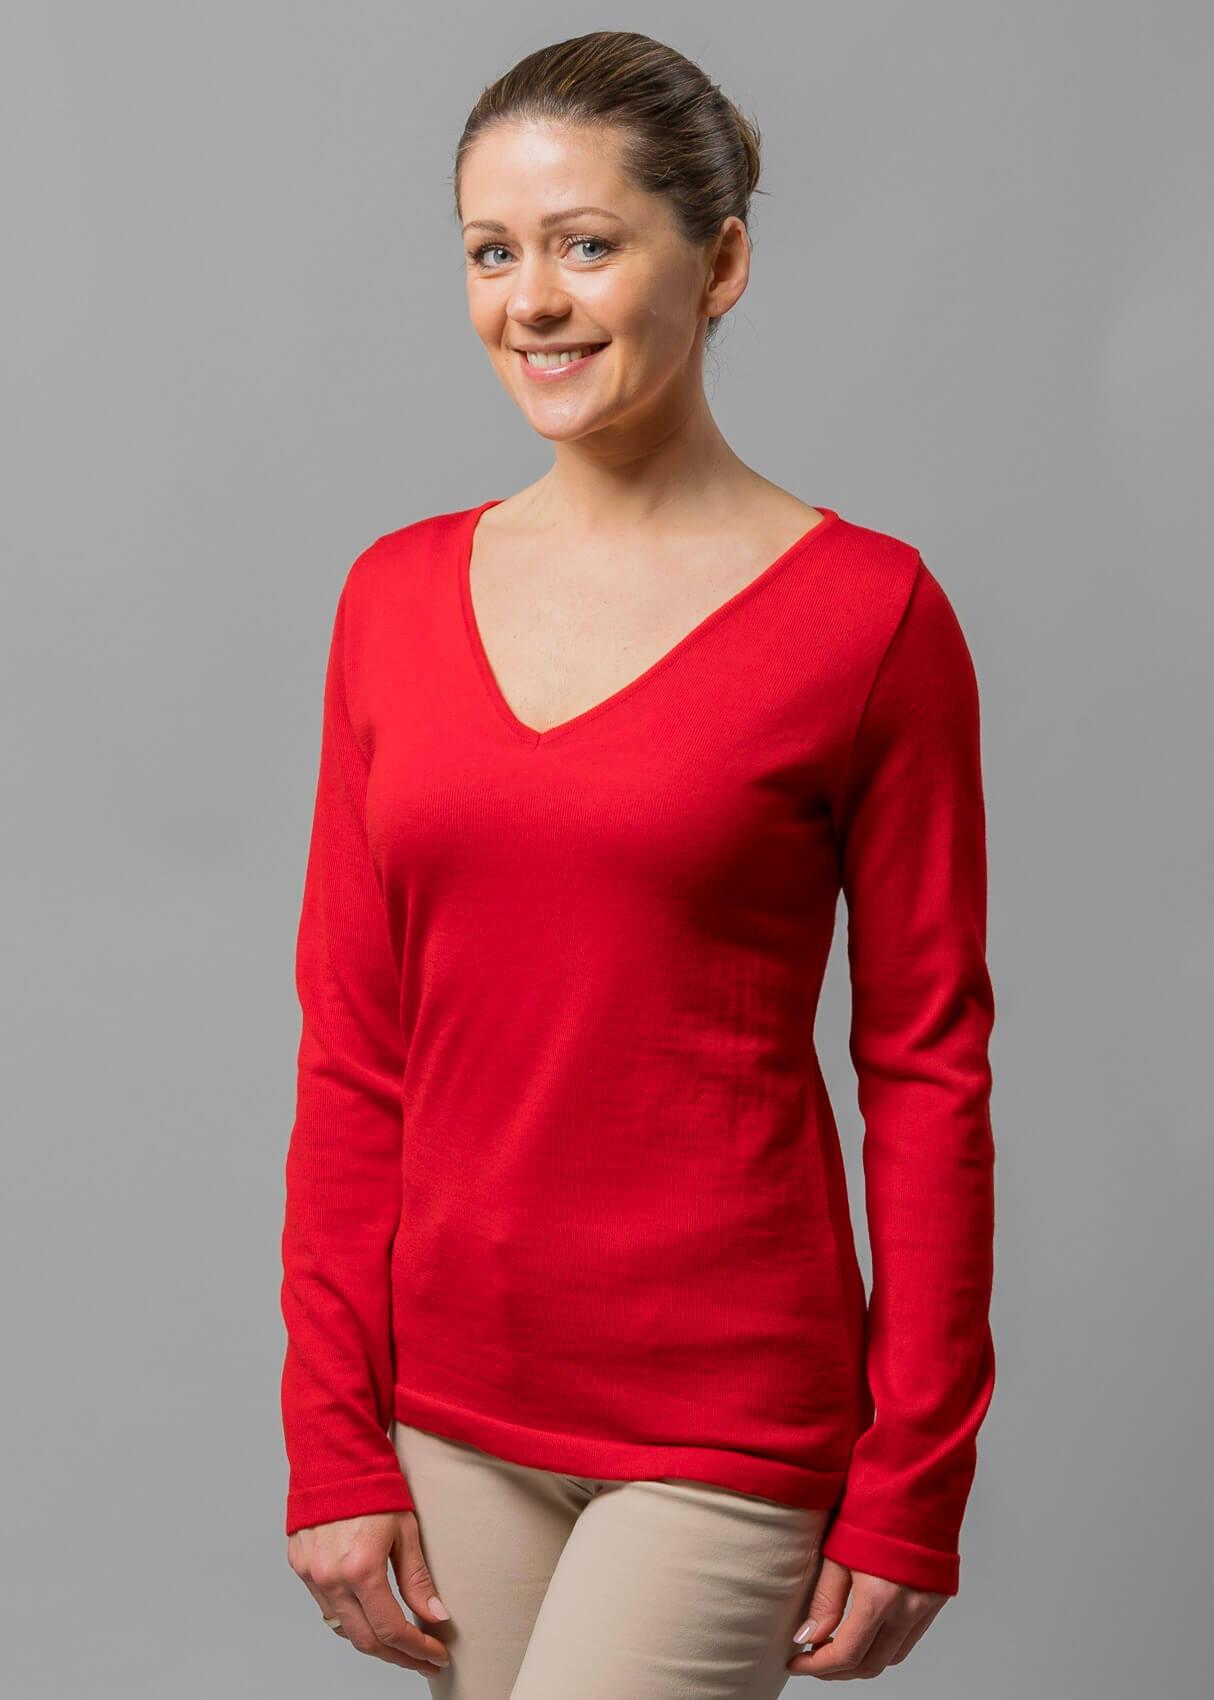 Connemara Damen Pullover V Ausschnitt rot aus Merinowolle extrafein